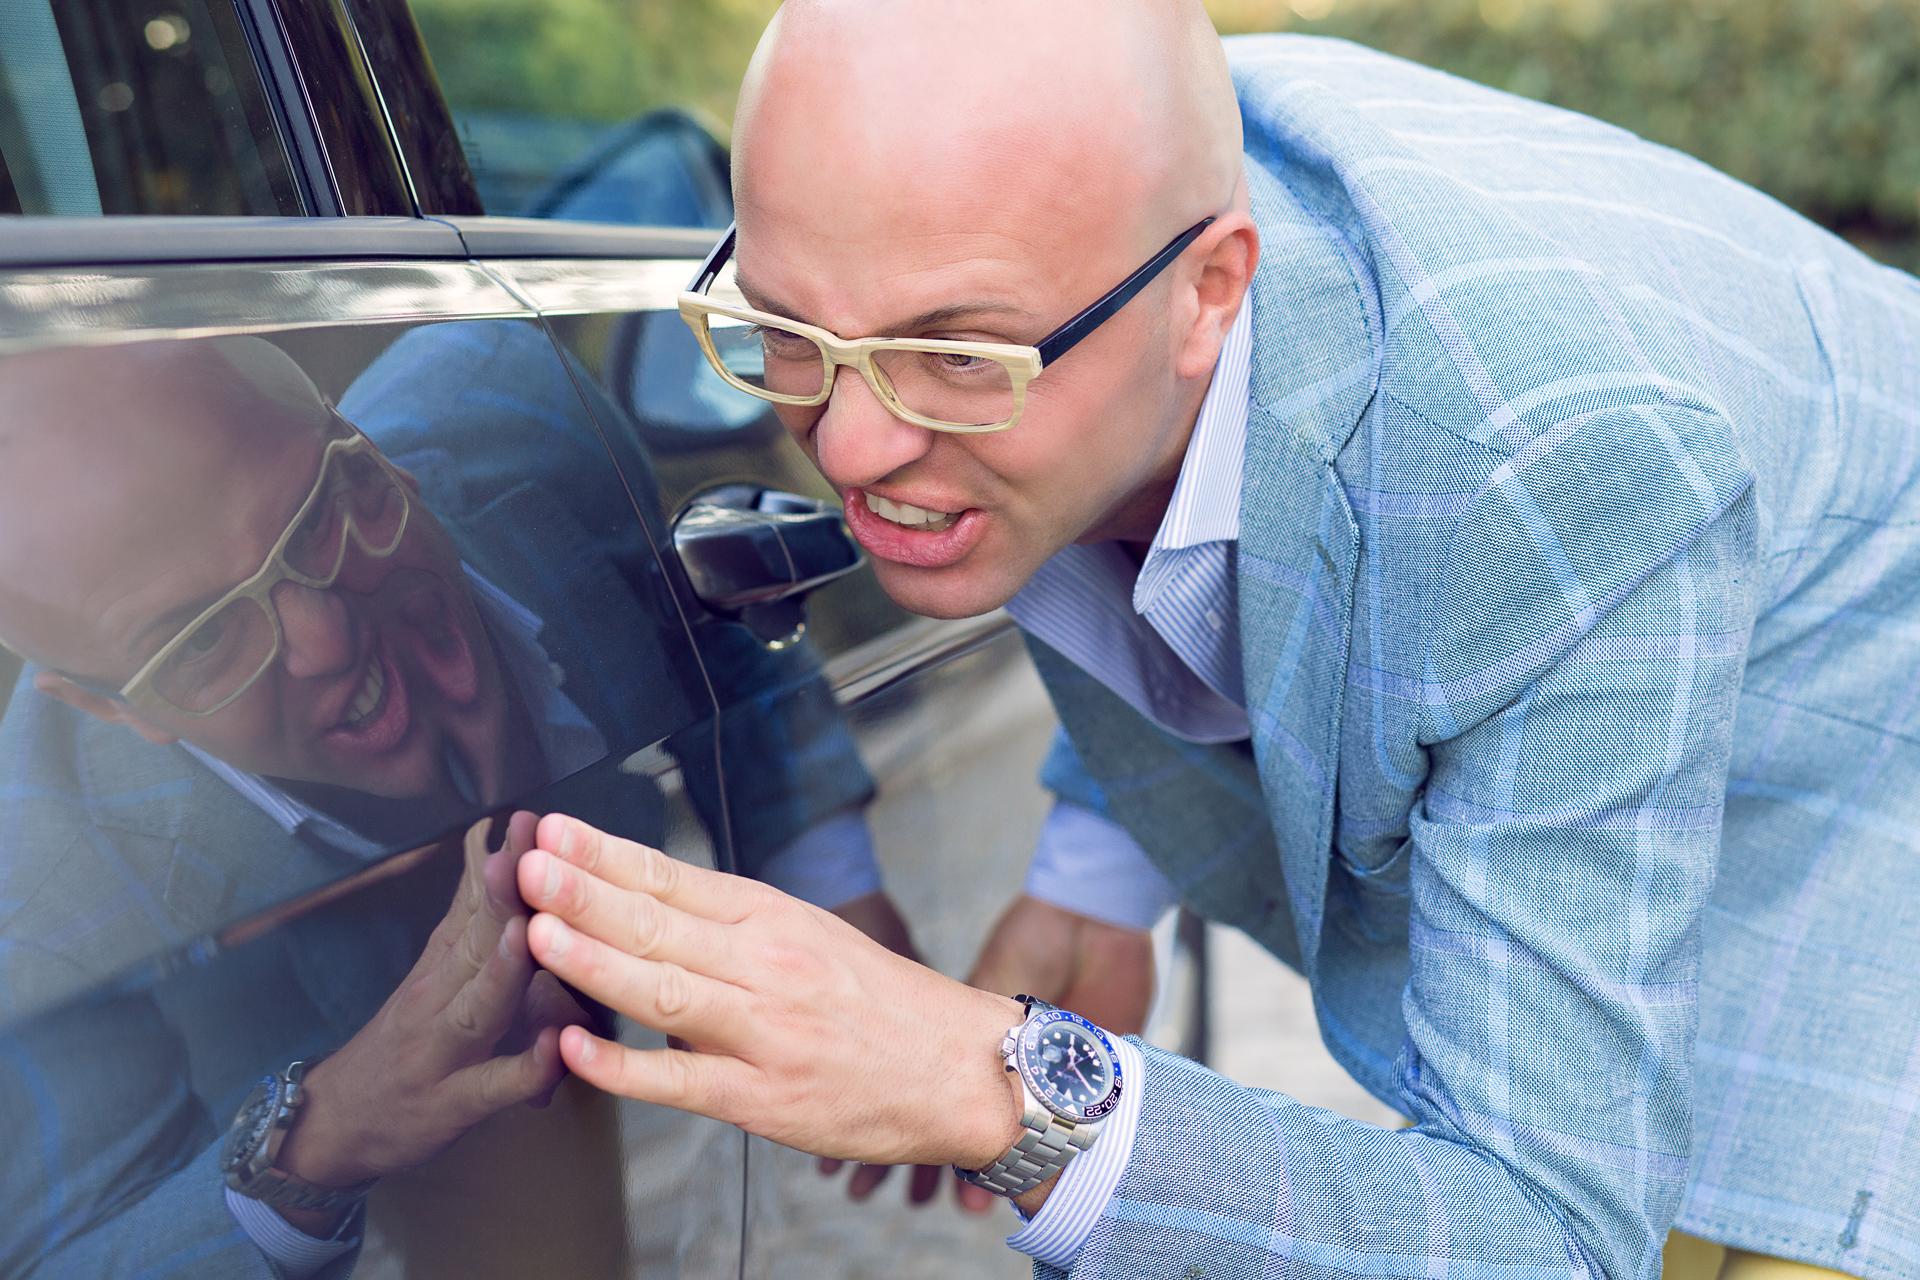 car-polishing-ottawa ottawa-car-buffing ottawa-car-paint-correction ottawa-car-scratch ottawa-car-scuff